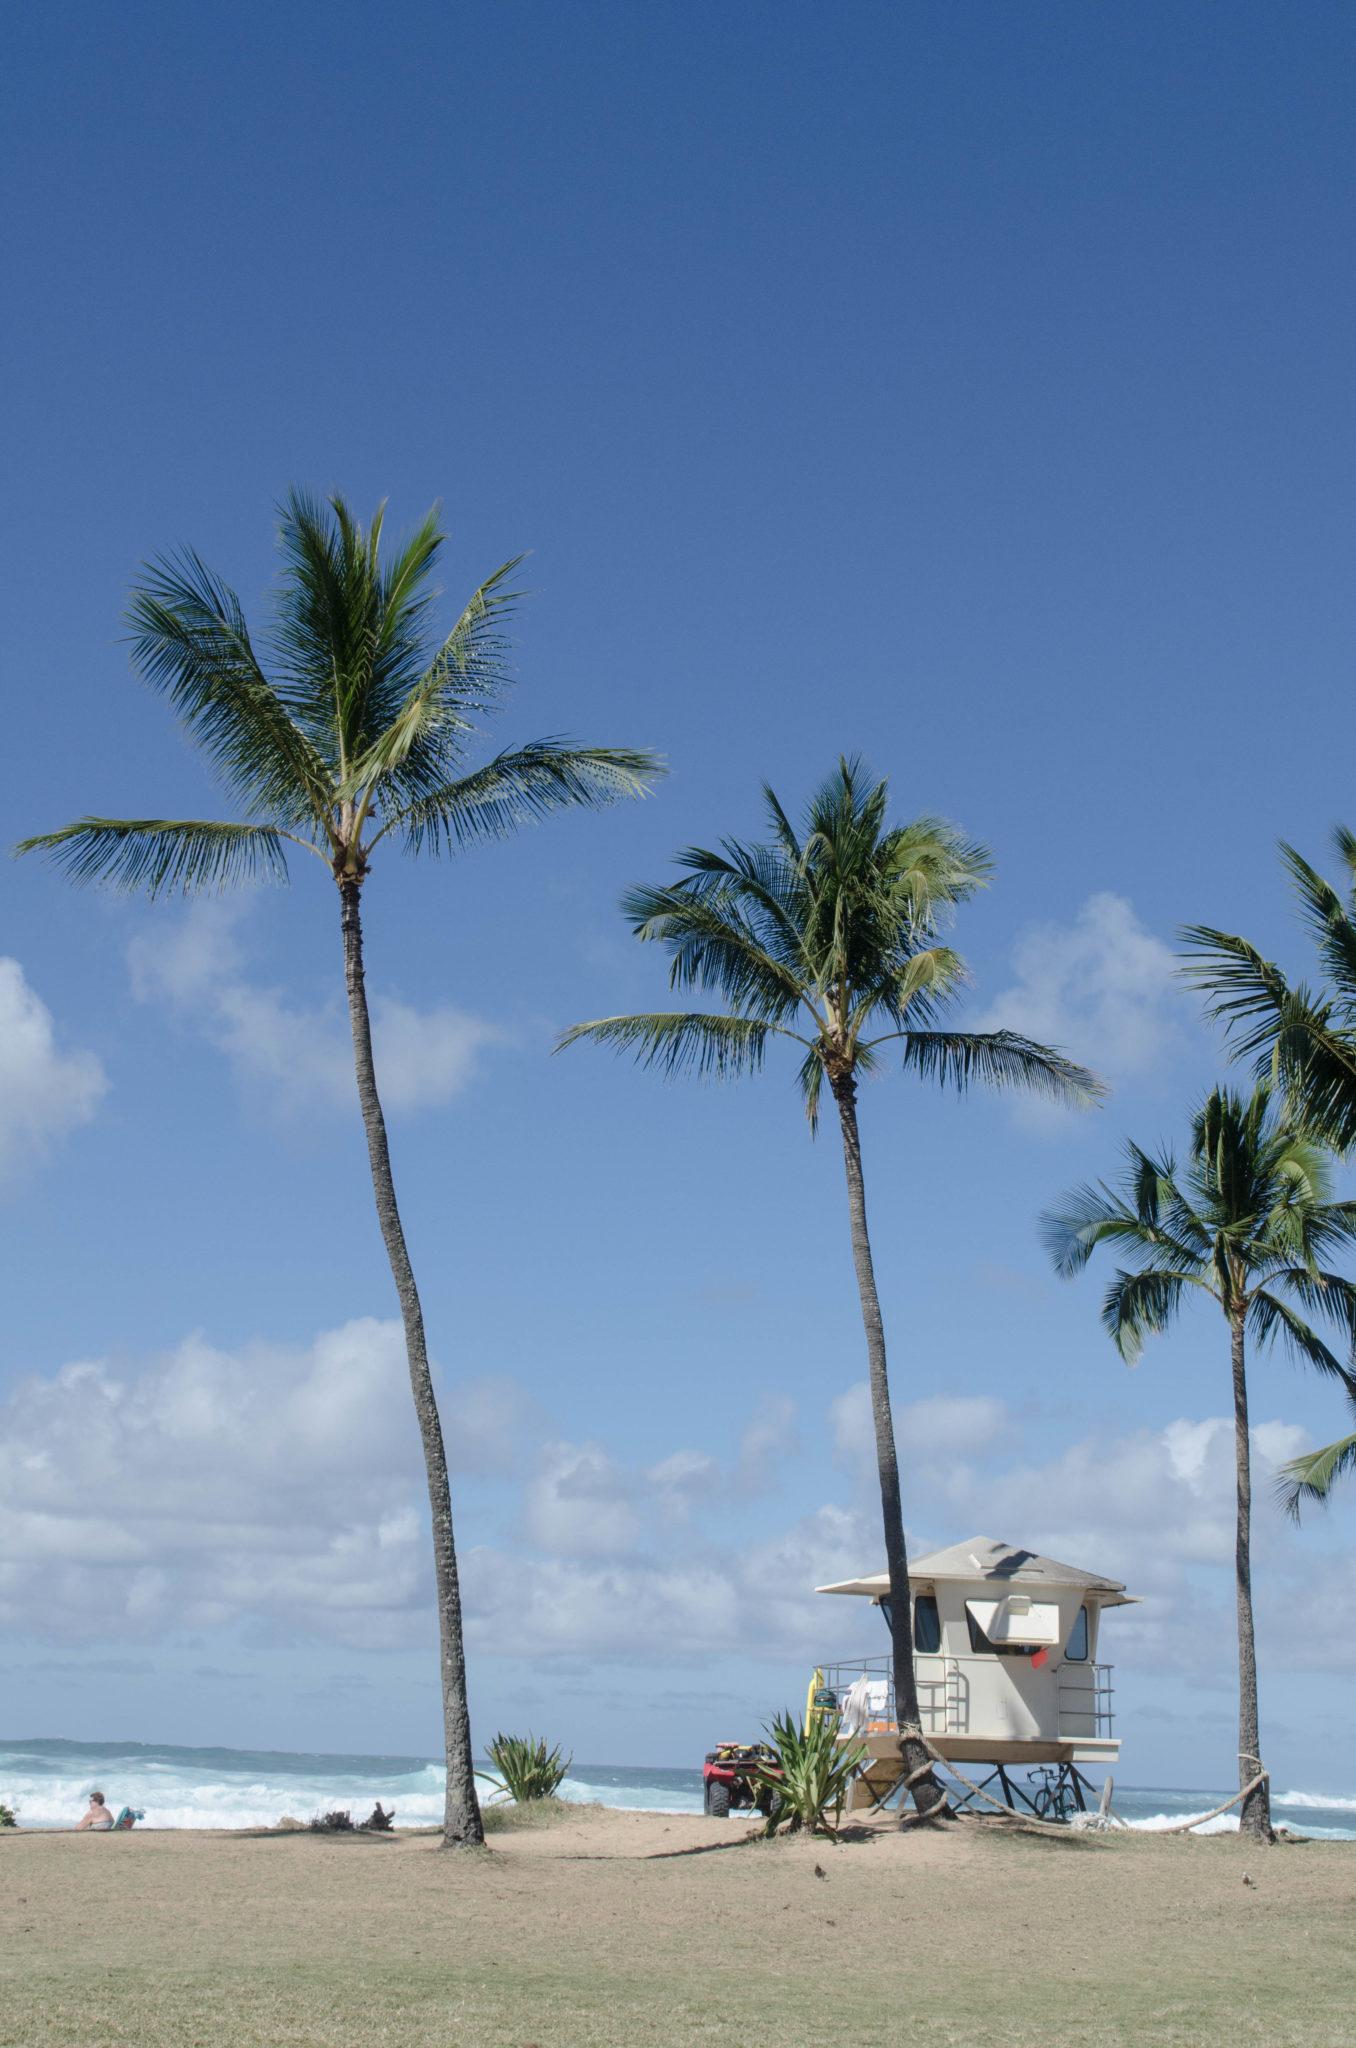 Sehenswürdigkeiten Hawaii: Die kleine Hütte der Rettungsschwimmer ist eine Ikone auf Oahu